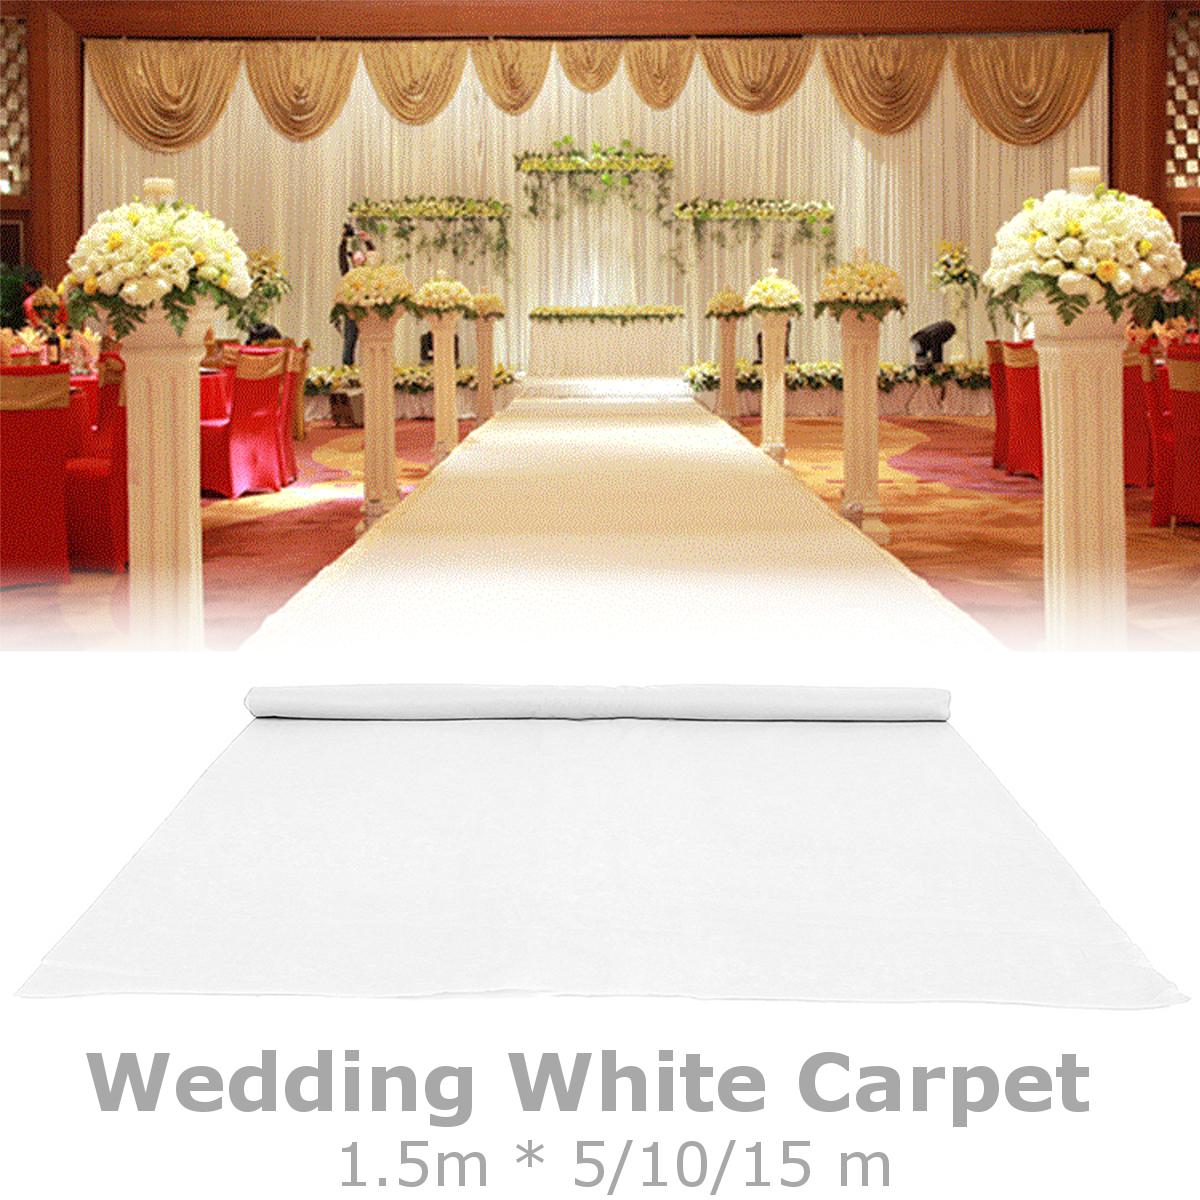 М белый ковер бегун Свадебное участник прохода коврик напольный выставка фестиваль ролл